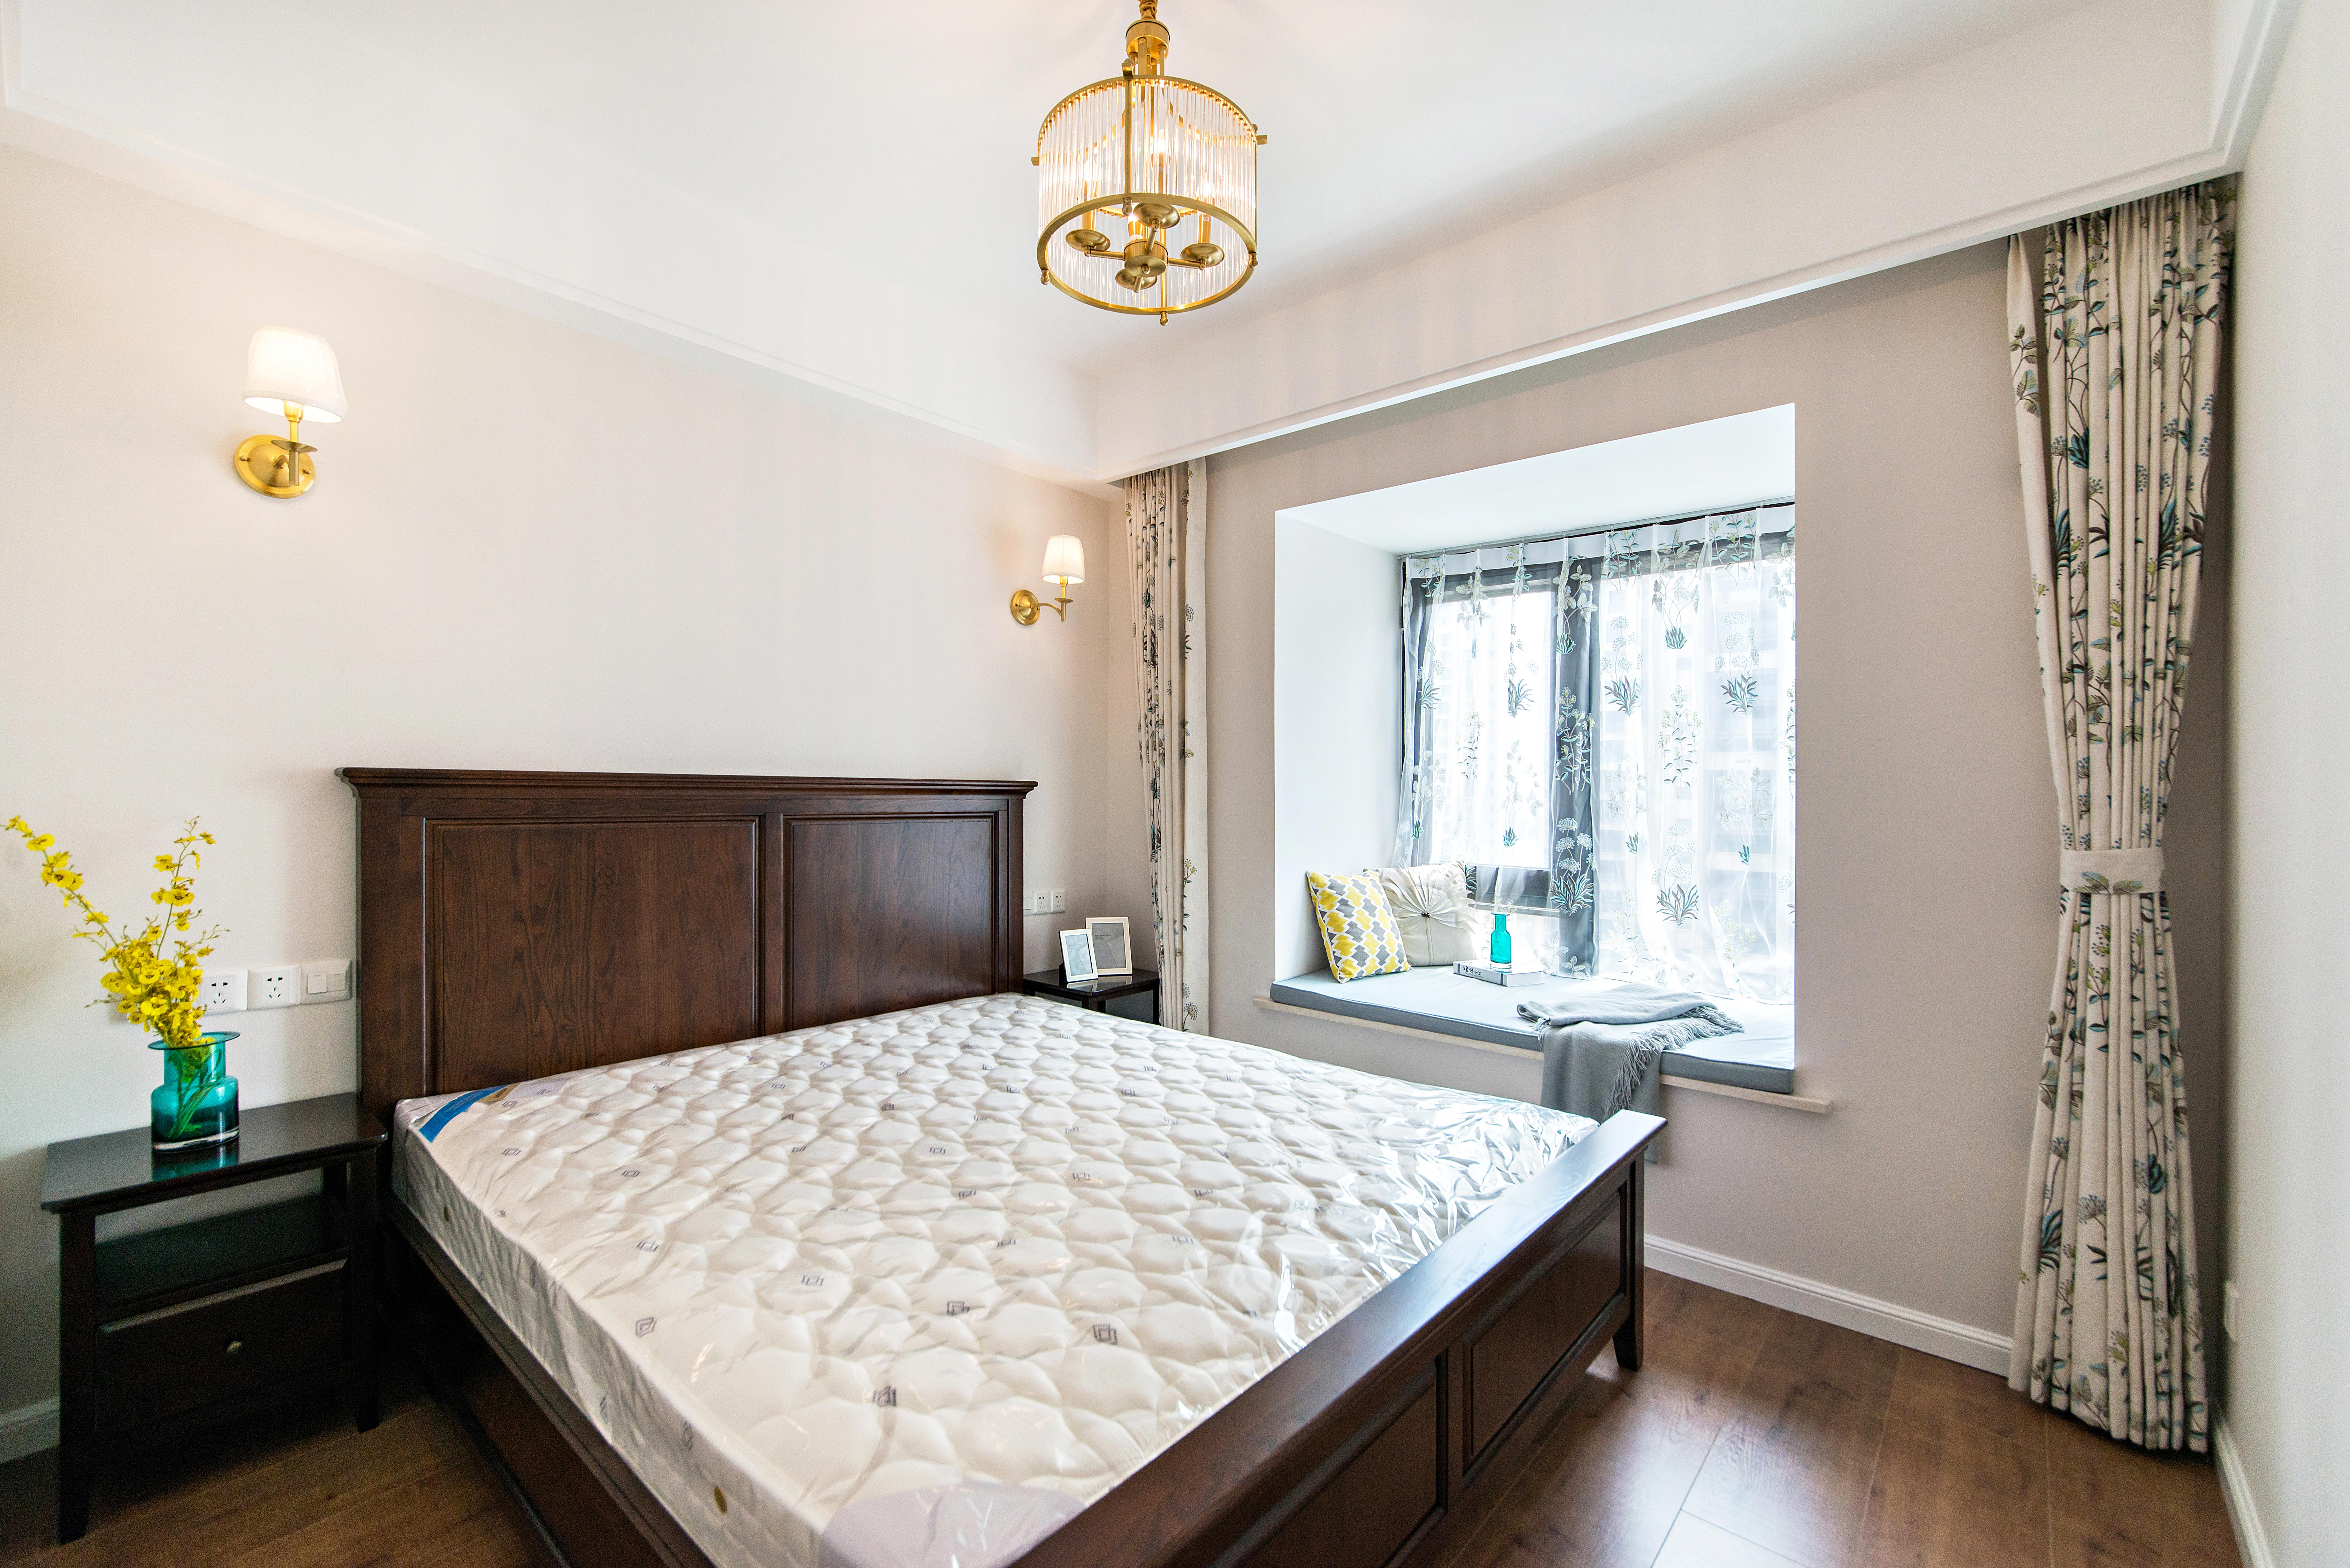 二居室现代美式家卧室效果图